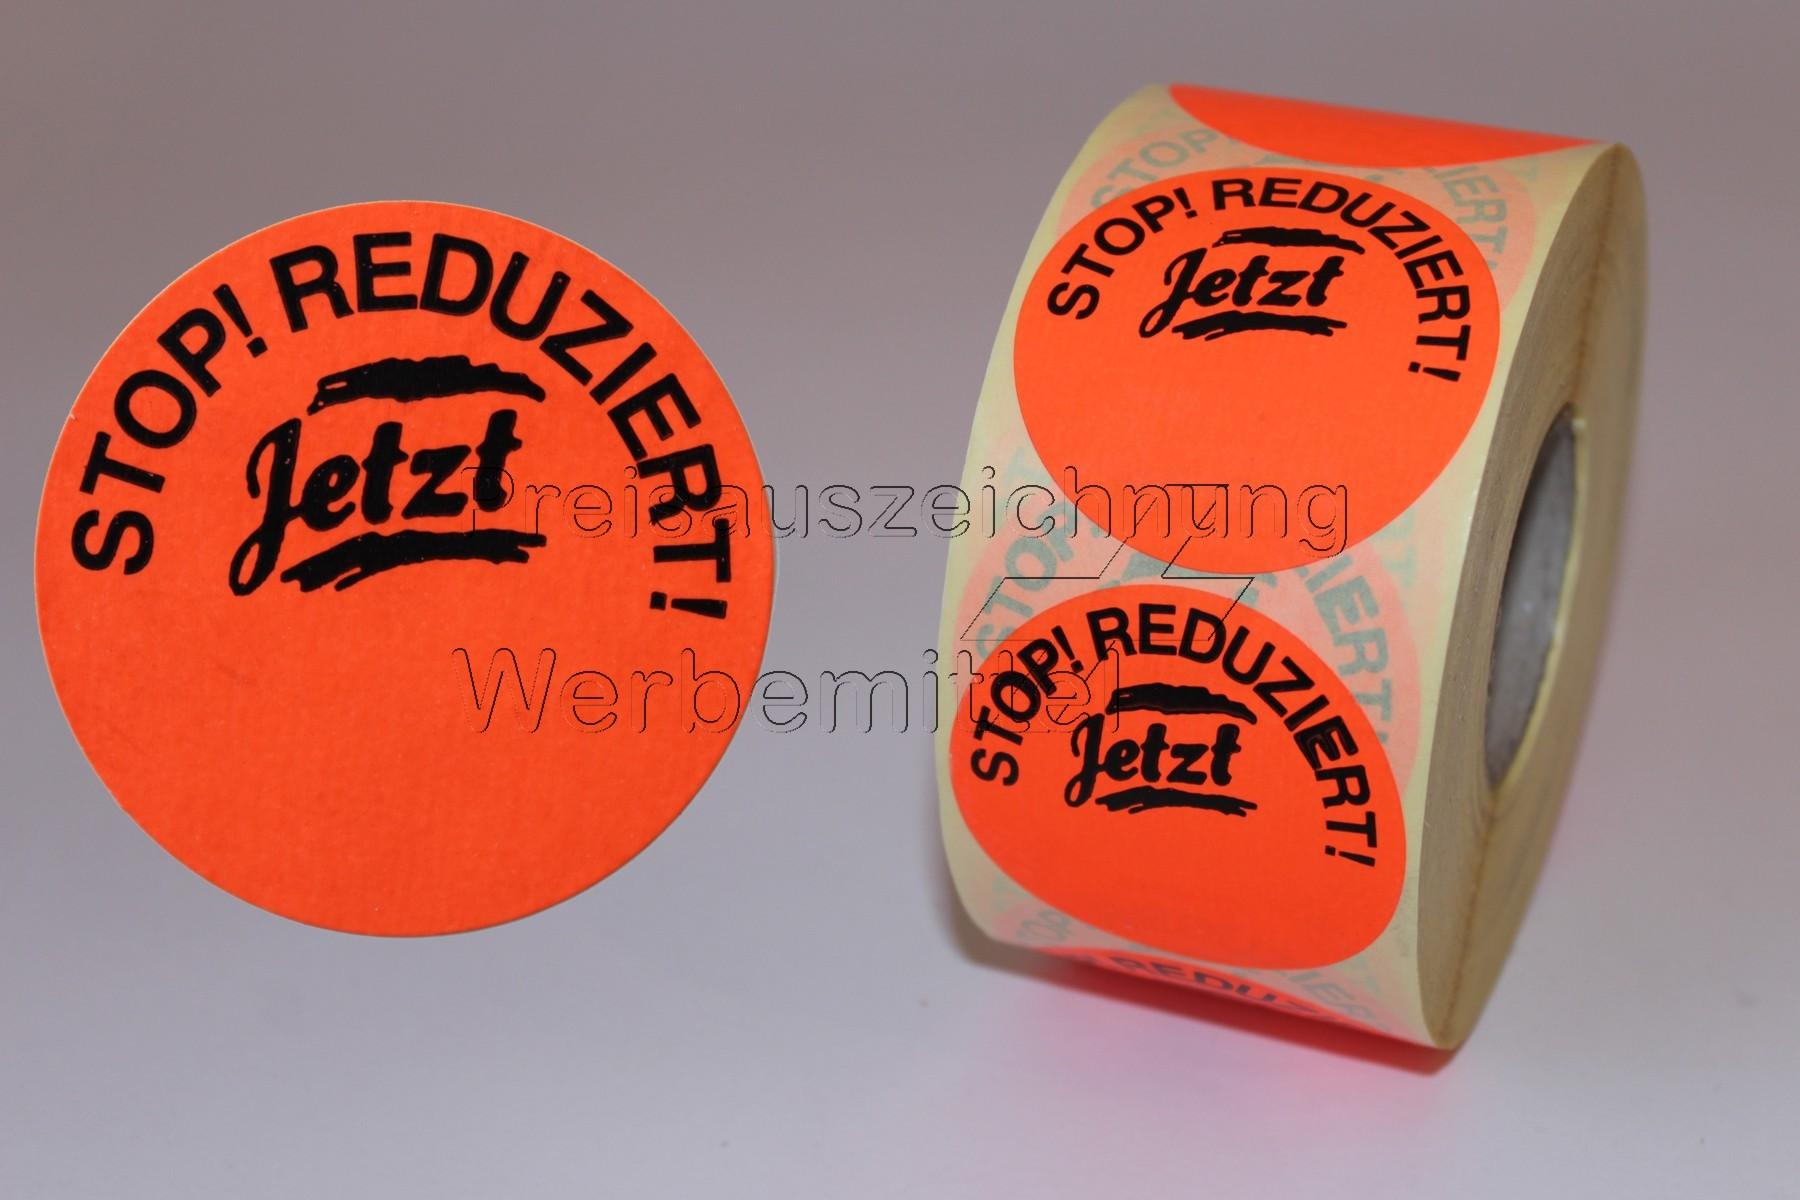 leuchtrot Aufdruck /'Stop!Reduziert/' 1000 Aktionsetiketten 32mm Rundetiketten